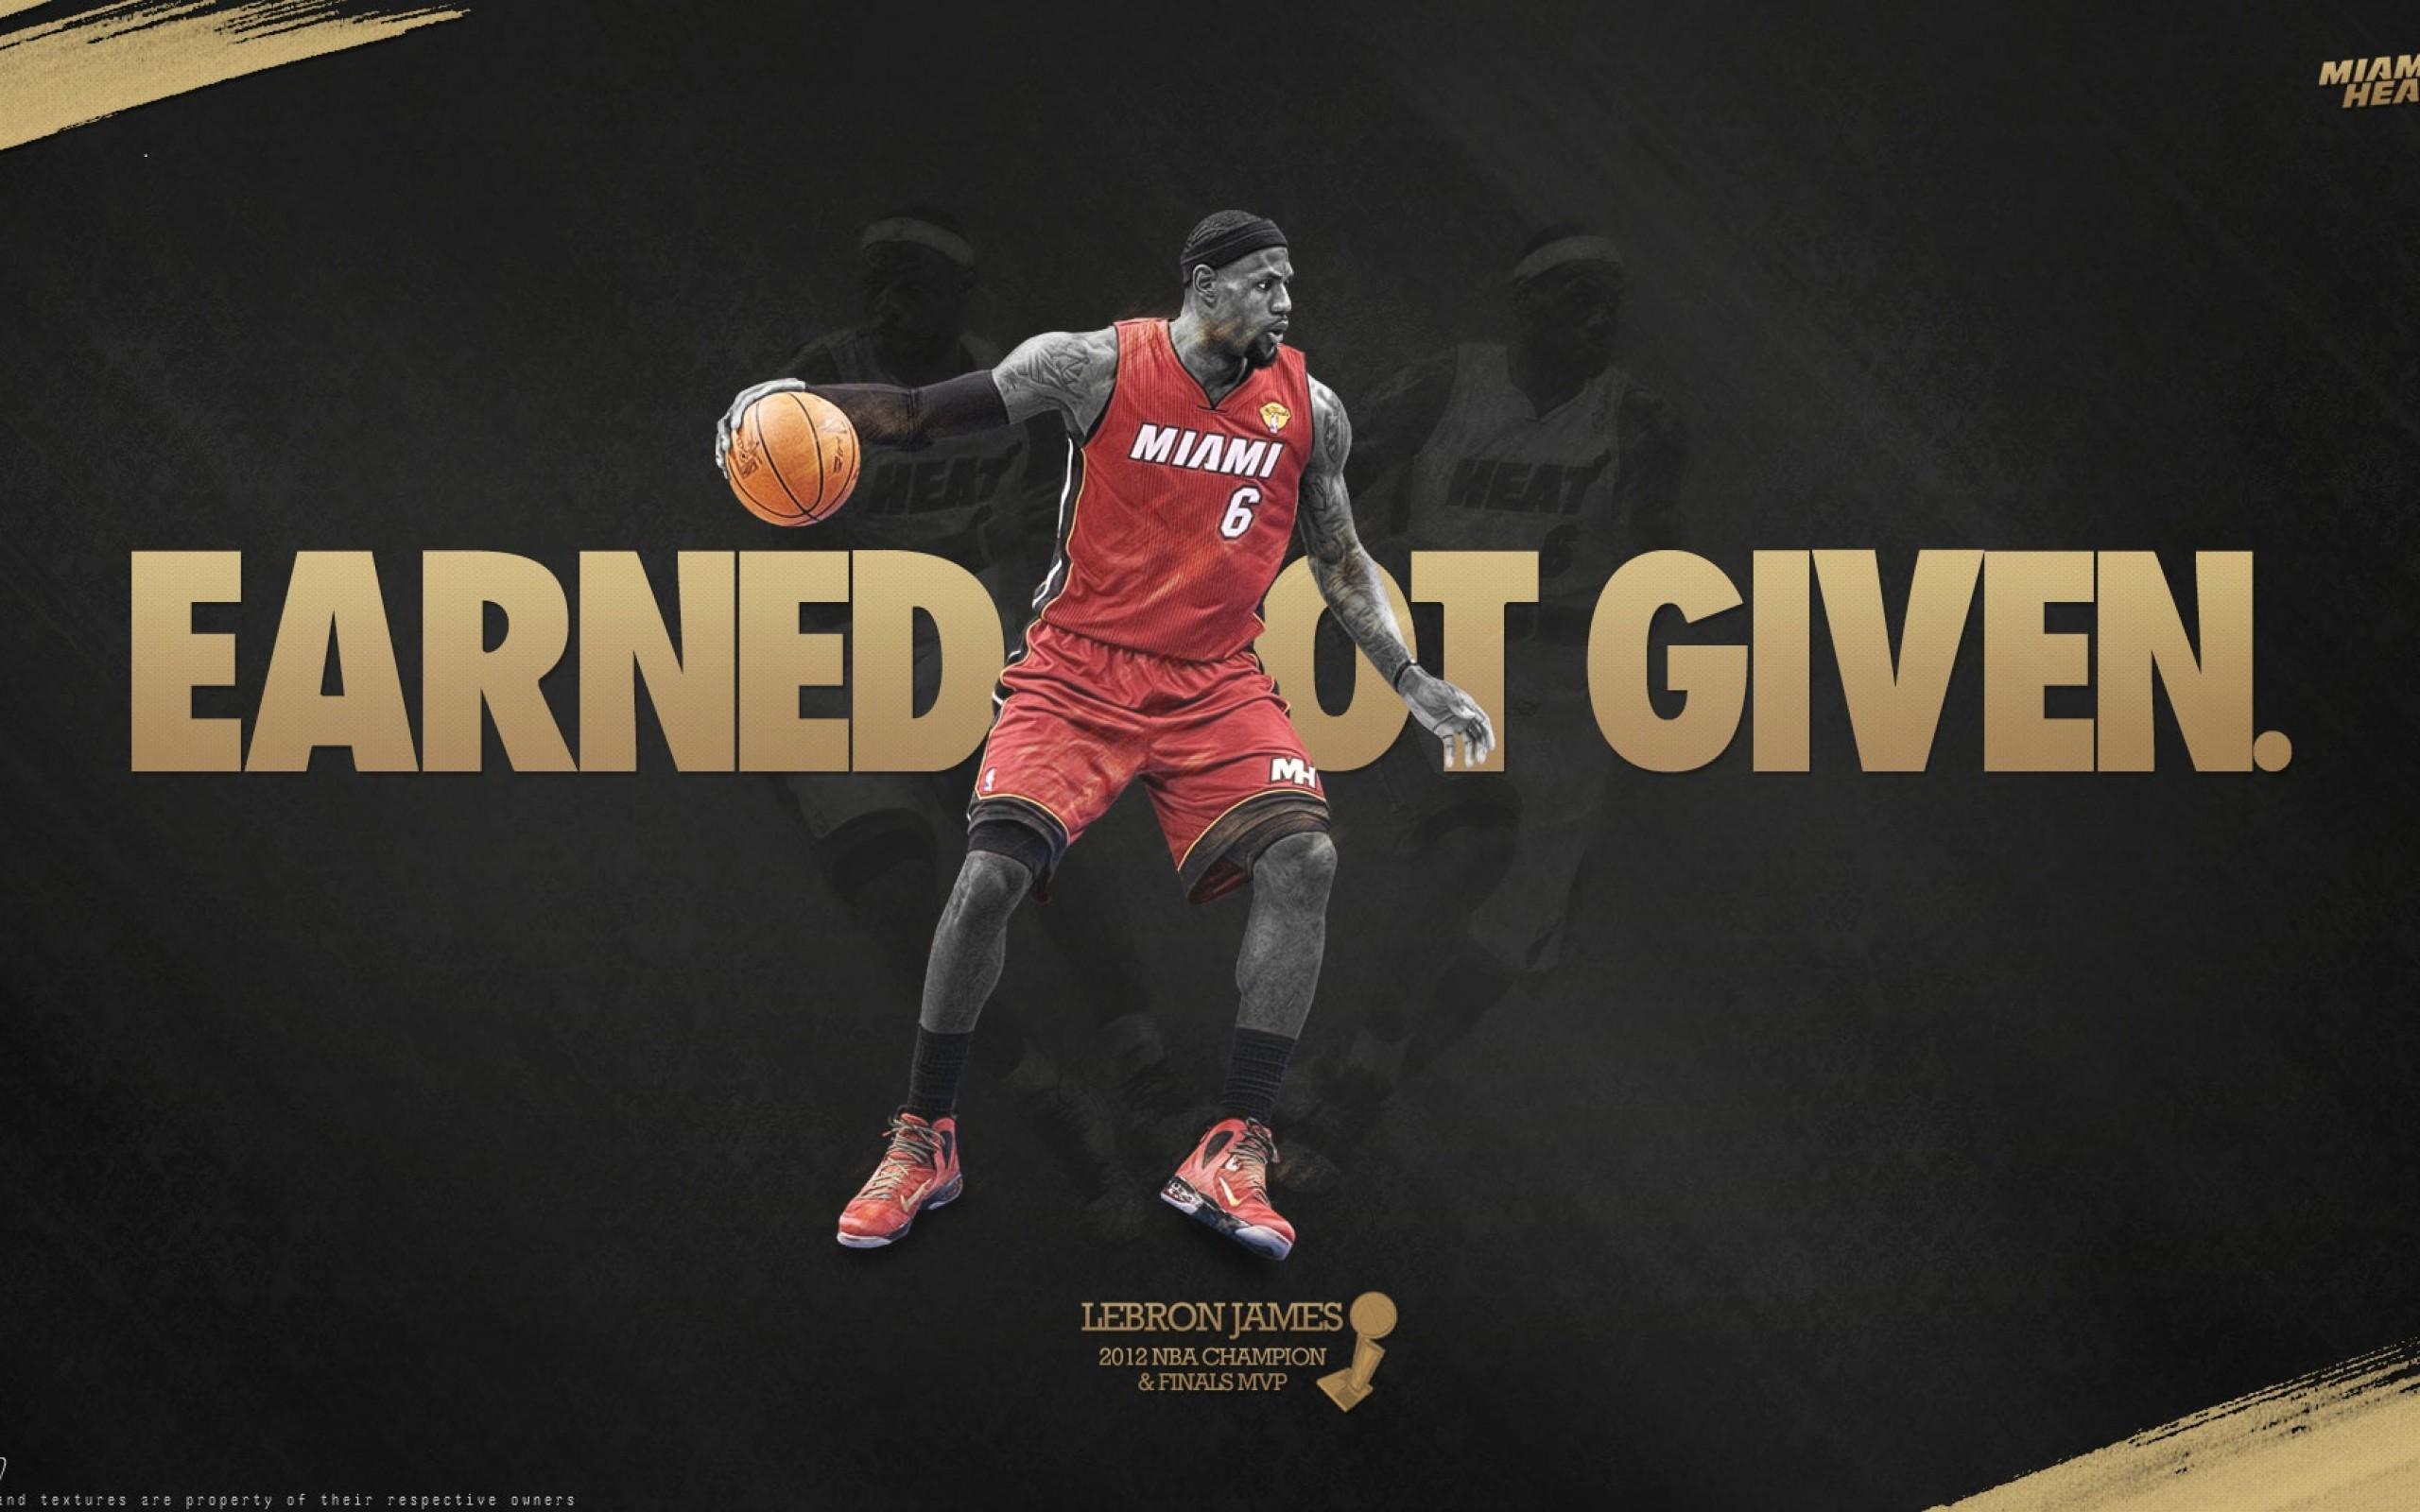 miami heat nba 2012 champions    online HD Wallpaper